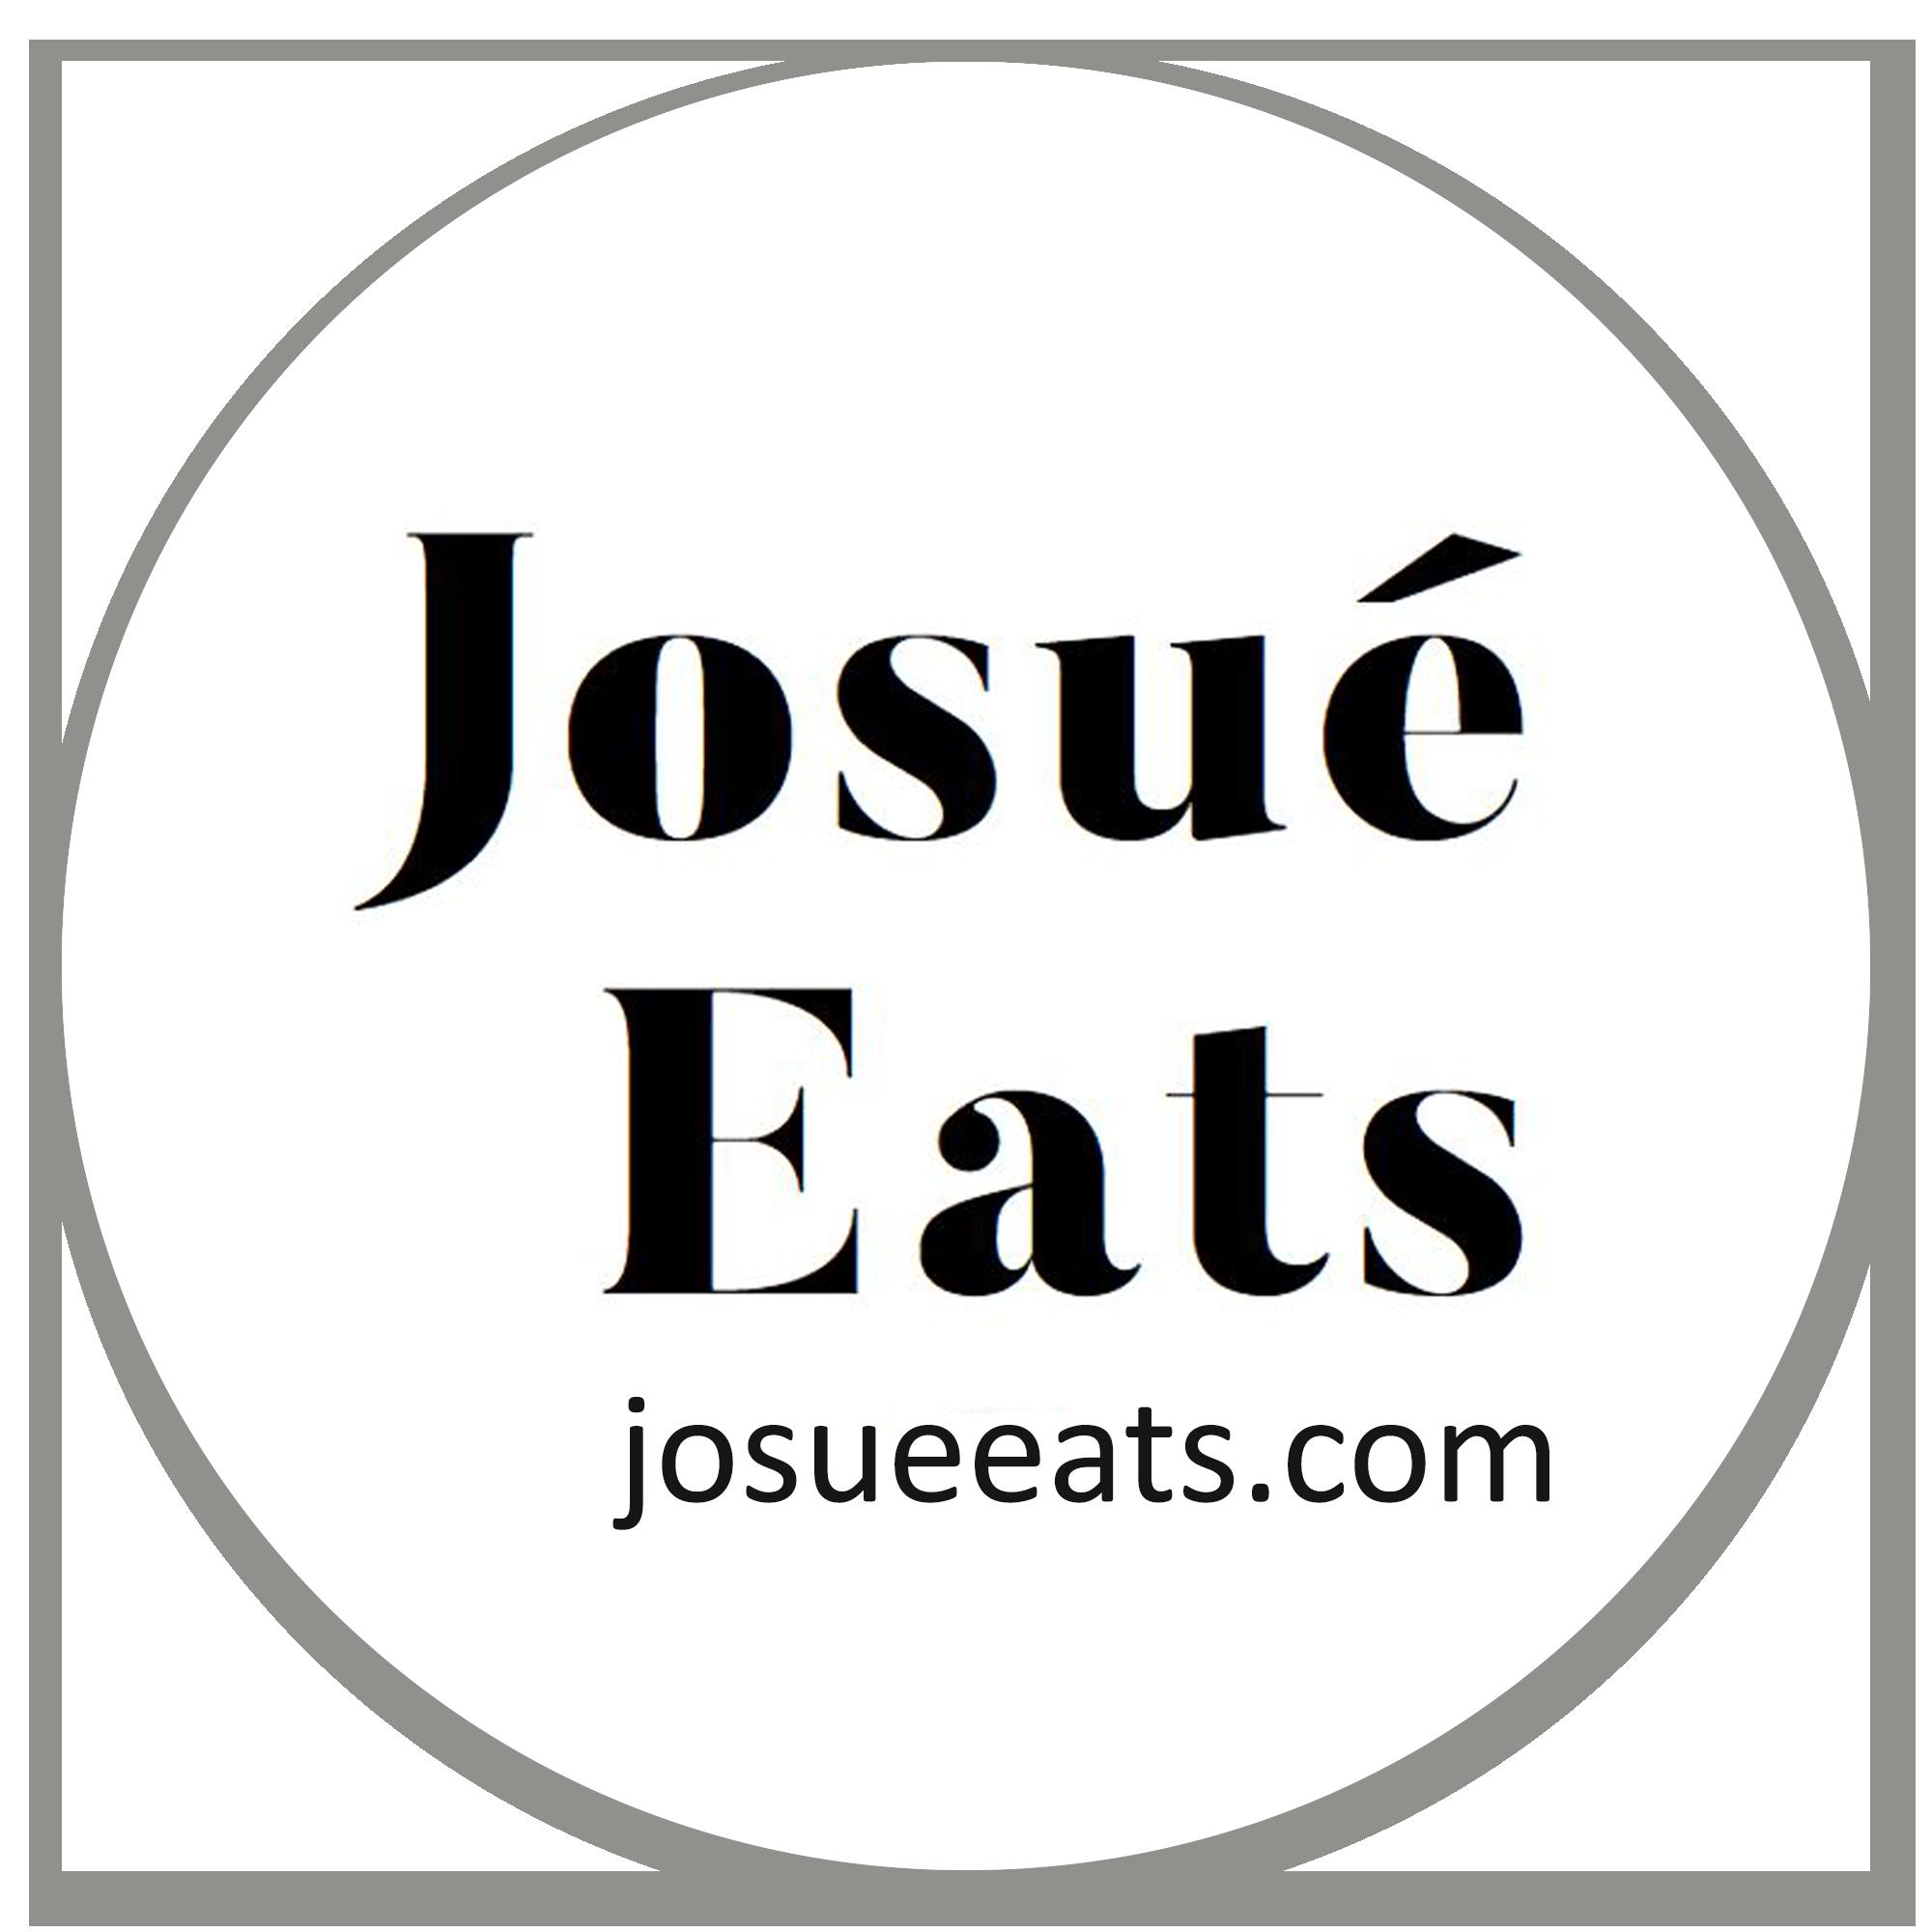 JosueEats.com